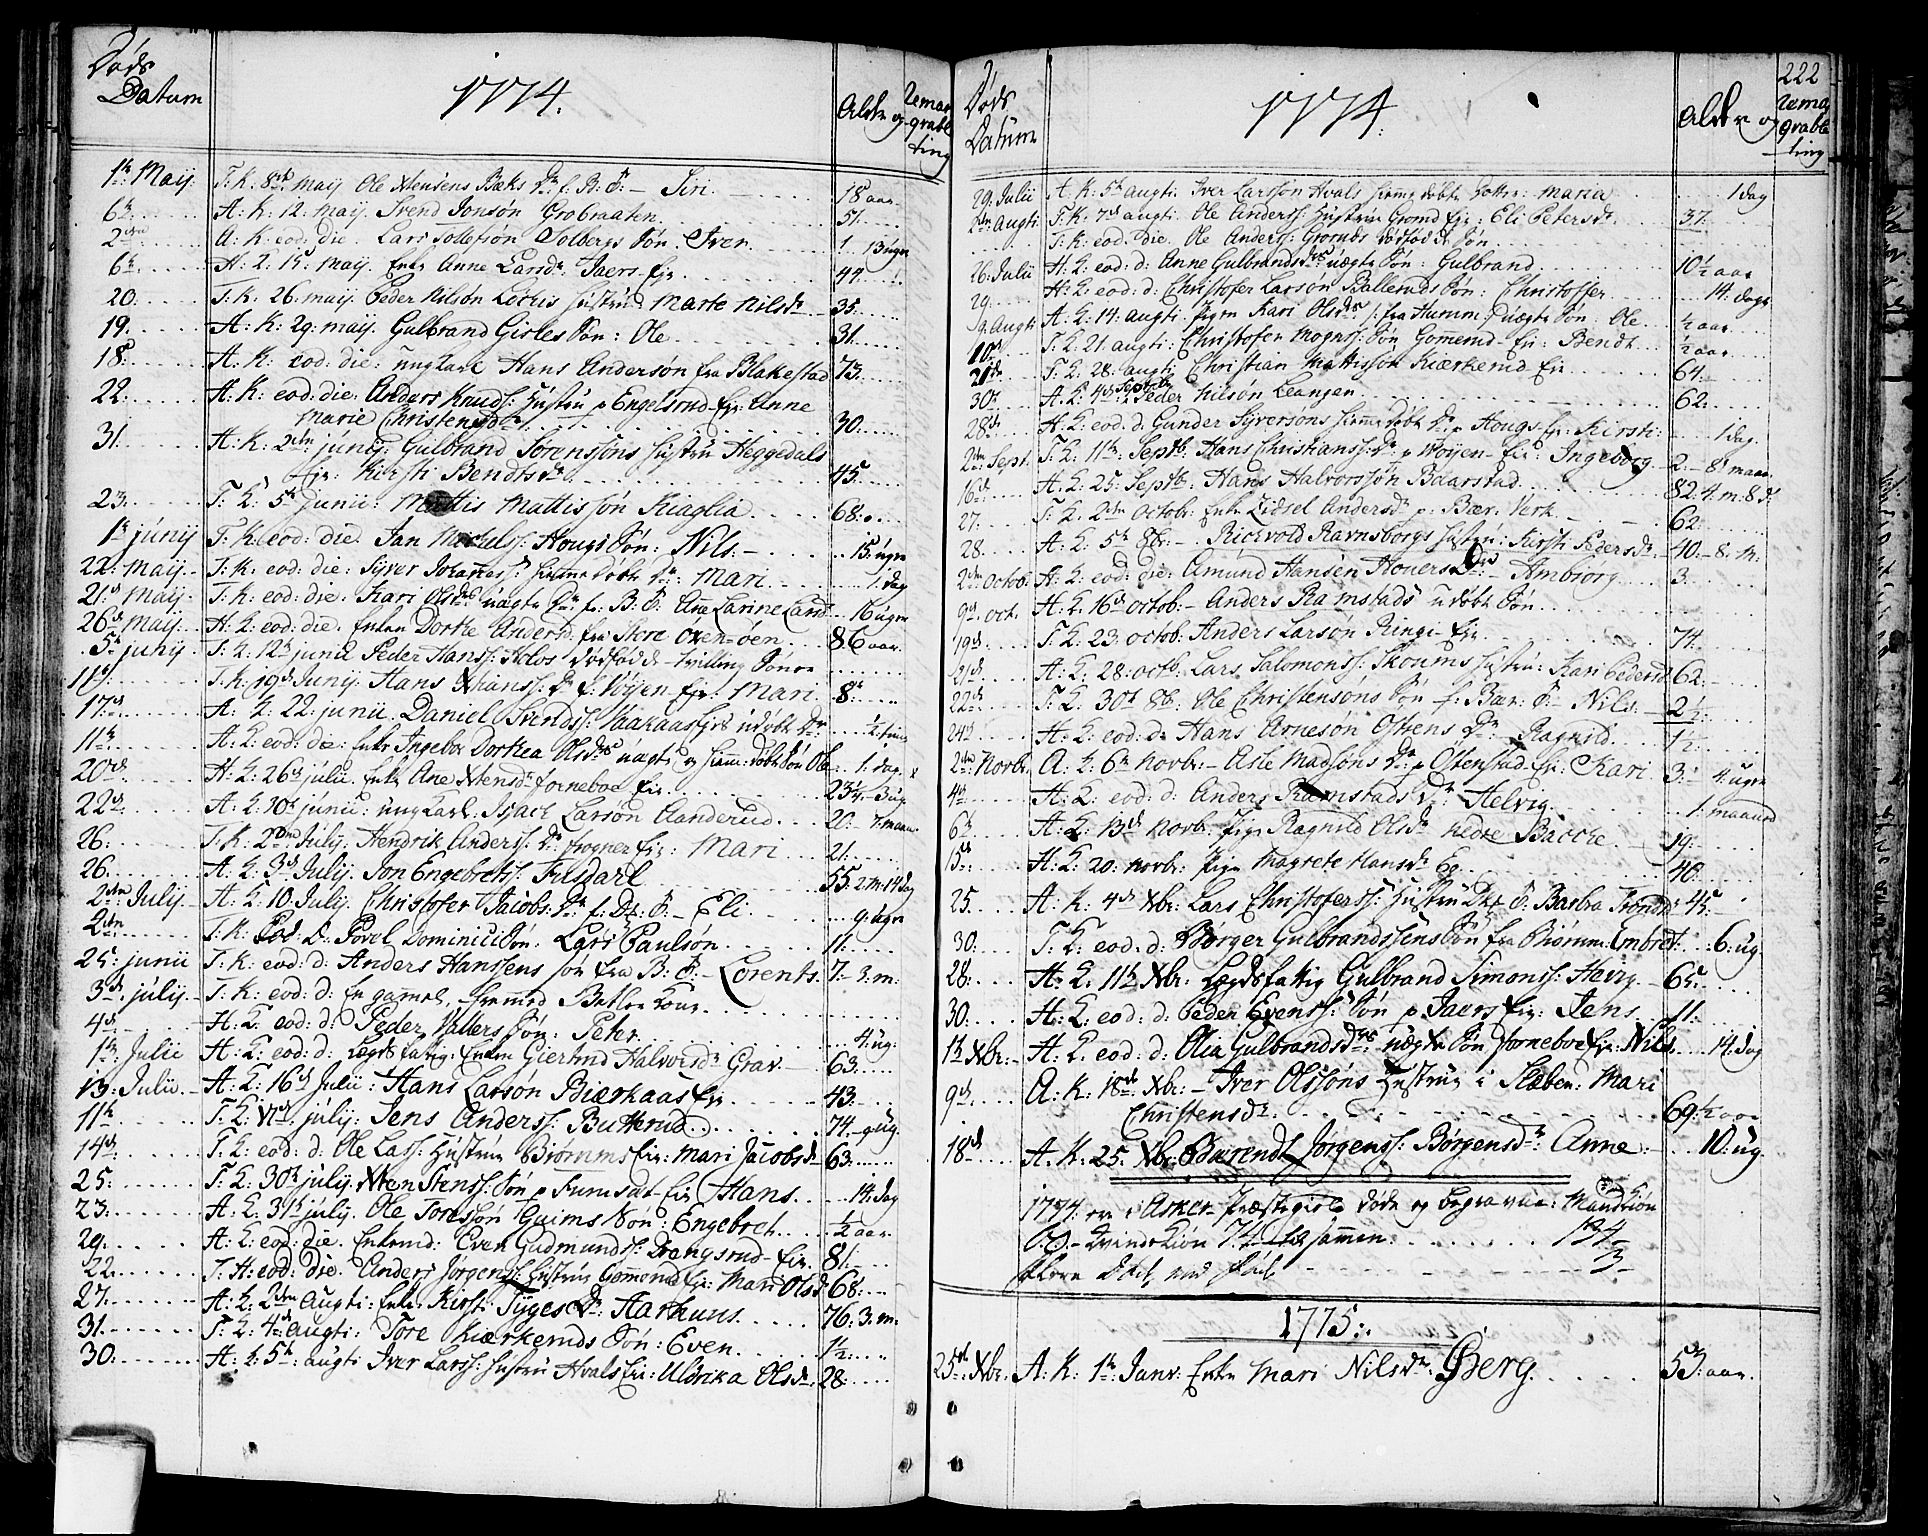 SAO, Asker prestekontor Kirkebøker, F/Fa/L0003: Ministerialbok nr. I 3, 1767-1807, s. 222